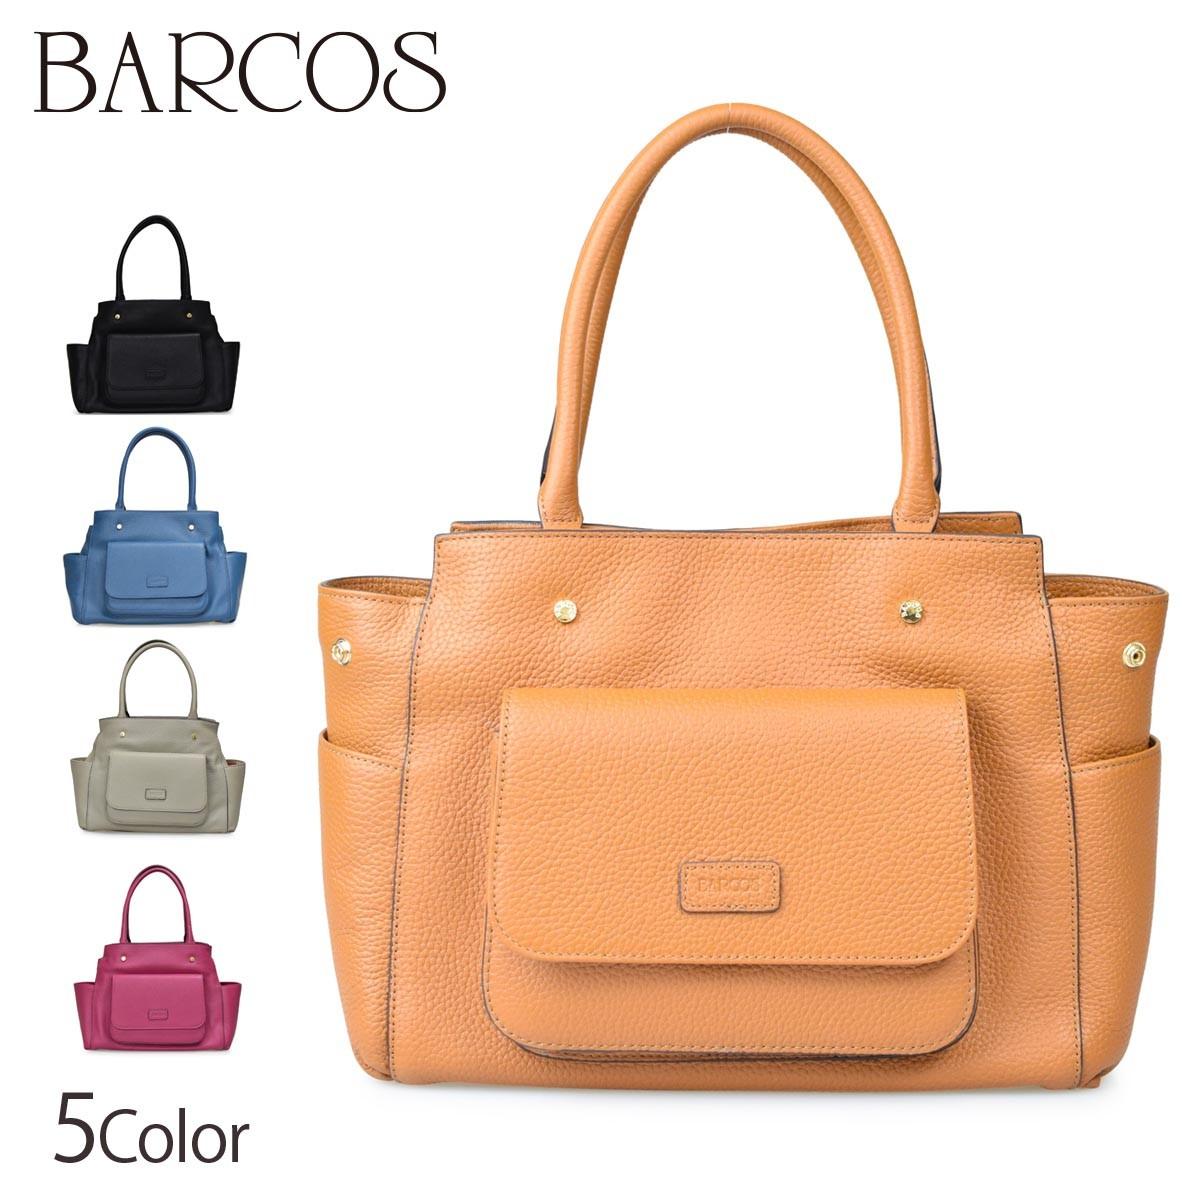 BARCOS バルコス3wayレザーハンドバッグ レディース 全5色 ONESIZE バルコス